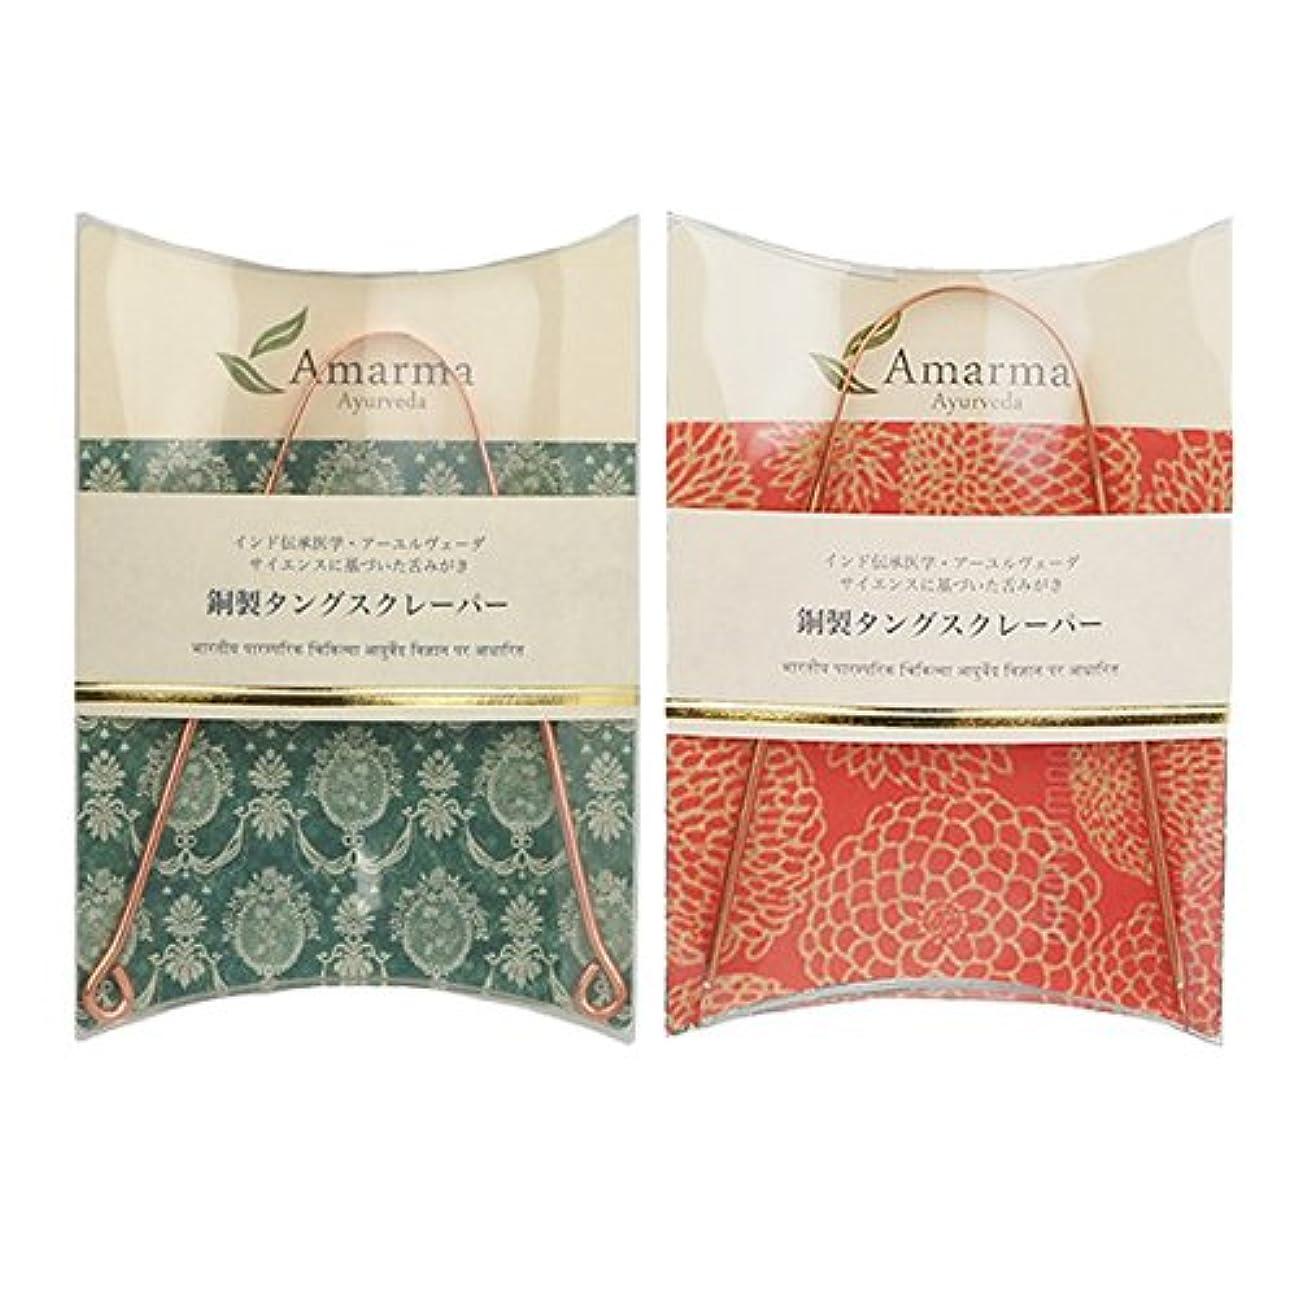 軸分布五月銅製タングスクレーパー(舌みがき) インド製+日本製 2個セット